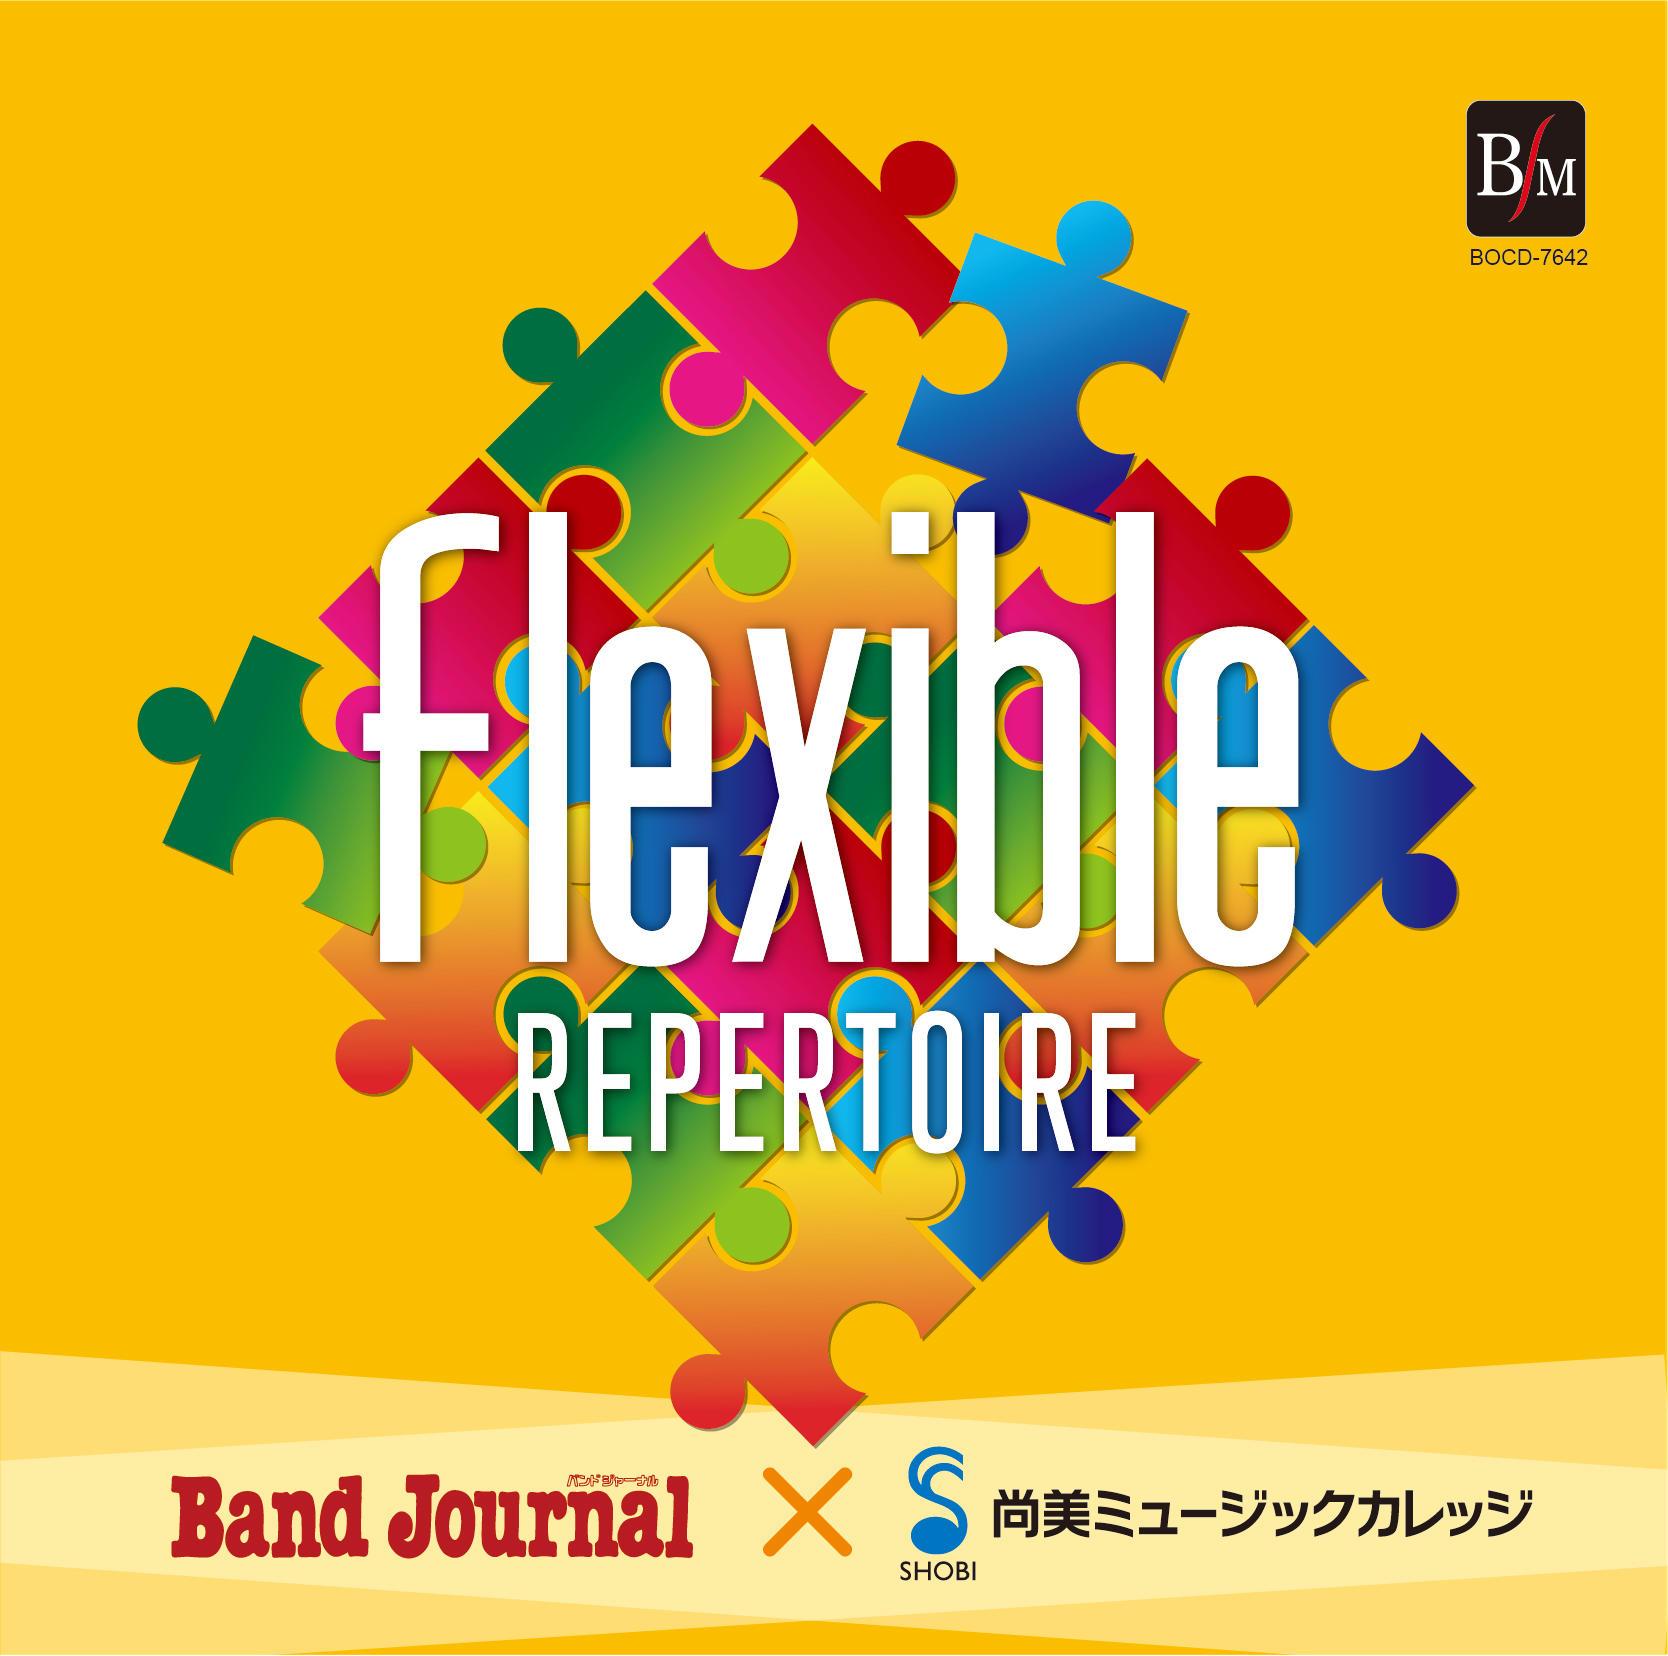 【リリース情報】吹奏楽CD「フレキシブル・レパートリー集」リリース!